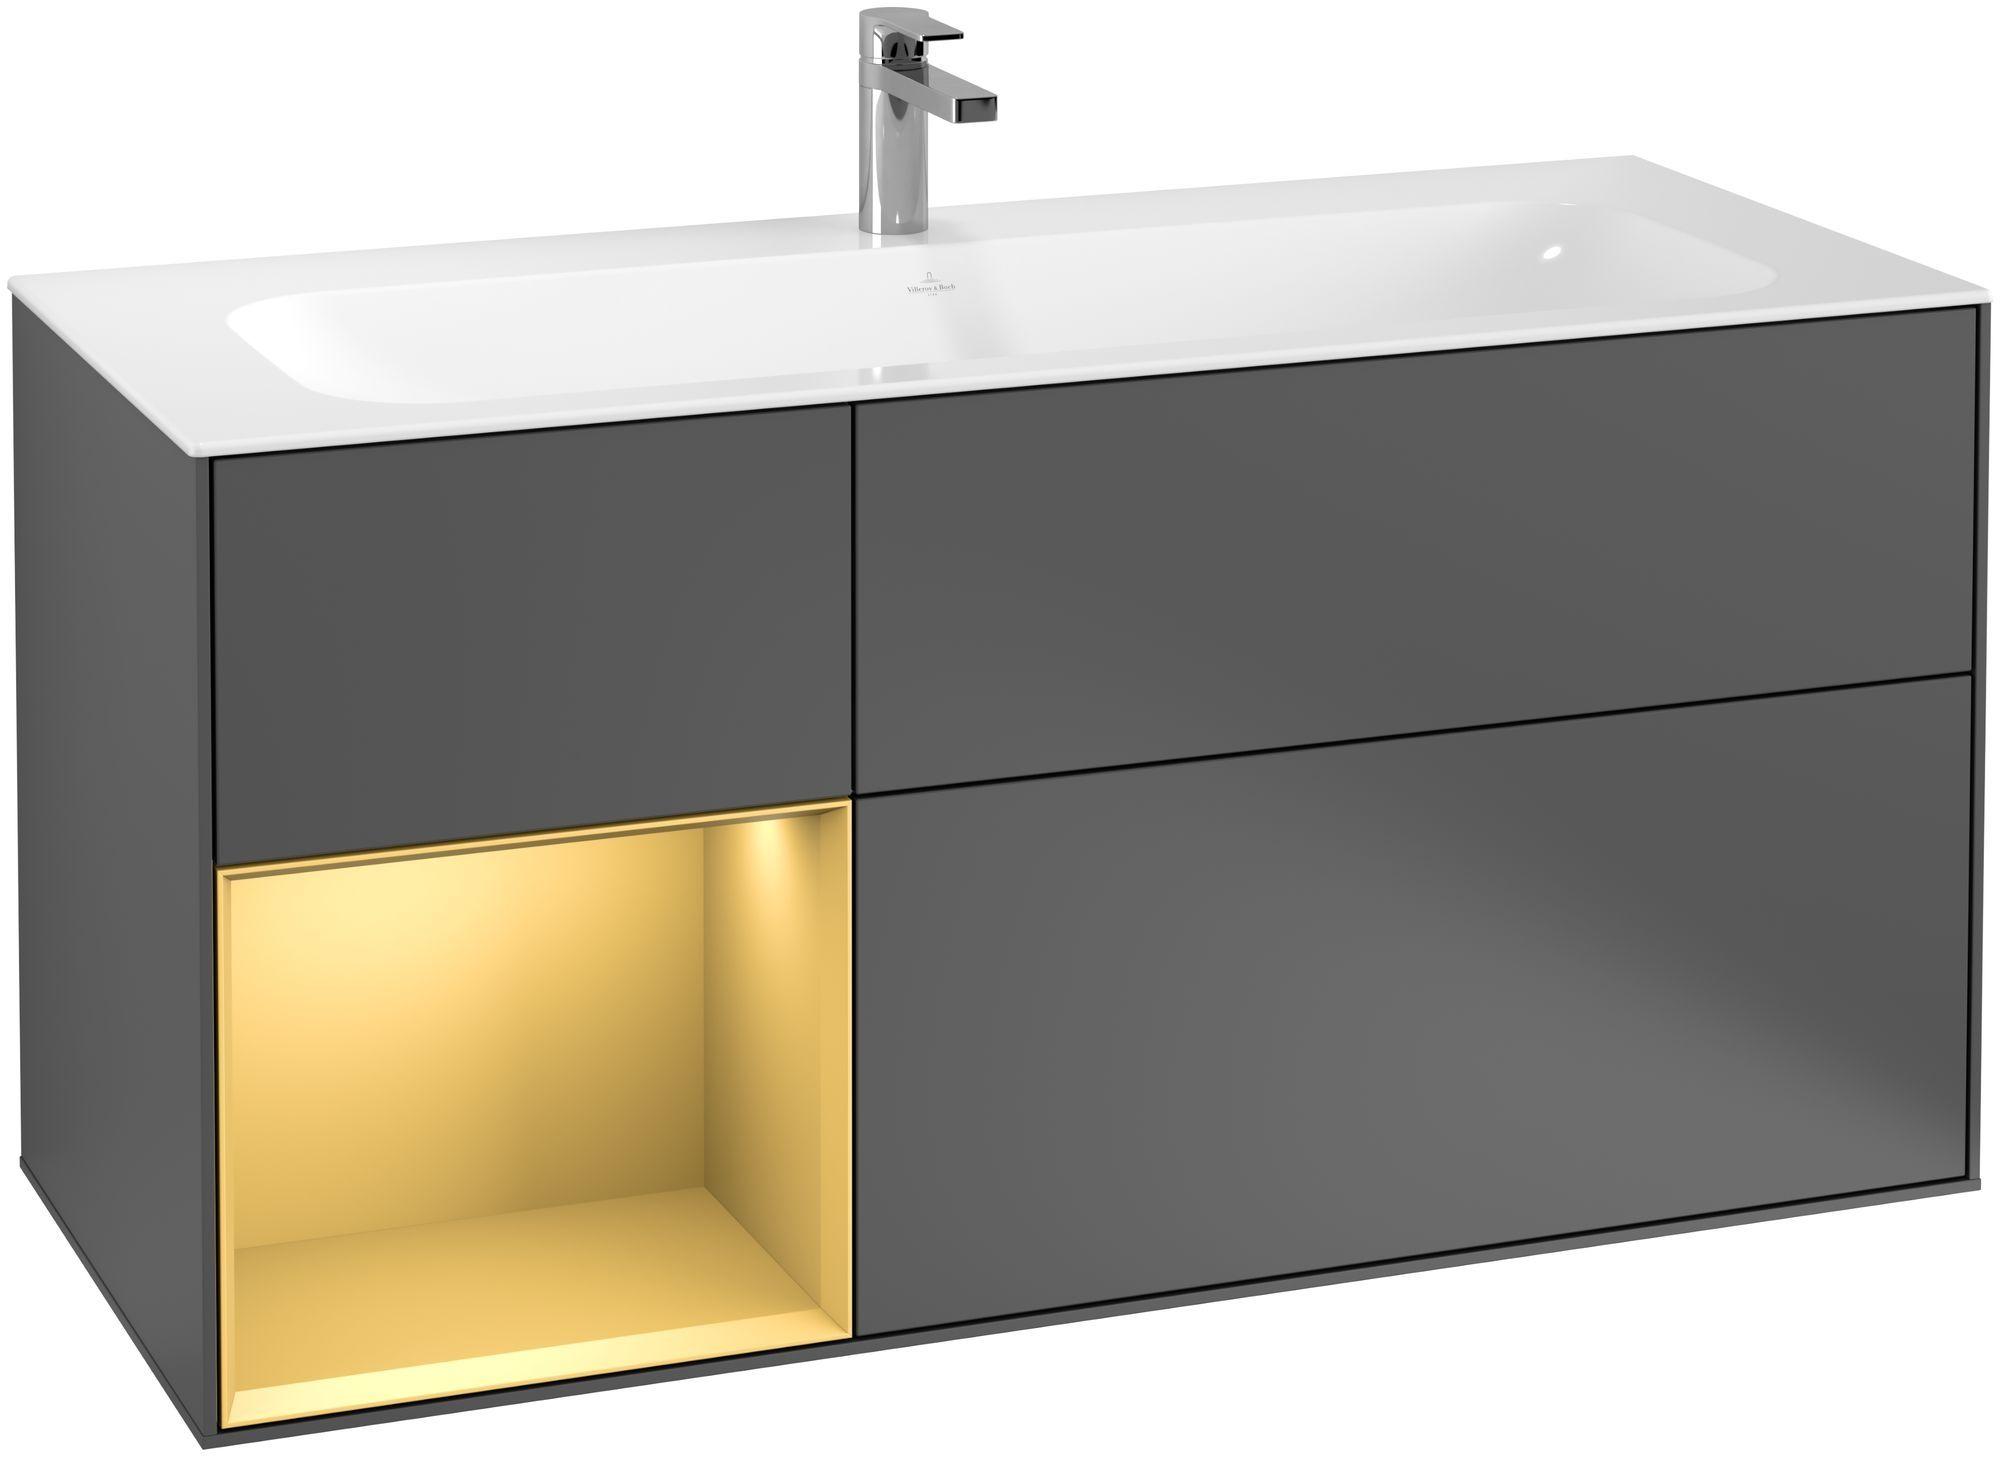 Villeroy & Boch Finion G06 Waschtischunterschrank mit Regalelement 3 Auszüge LED-Beleuchtung B:119,6xH:59,1xT:49,8cm Front, Korpus: Anthracite Matt, Regal: Gold Matt G060HFGK